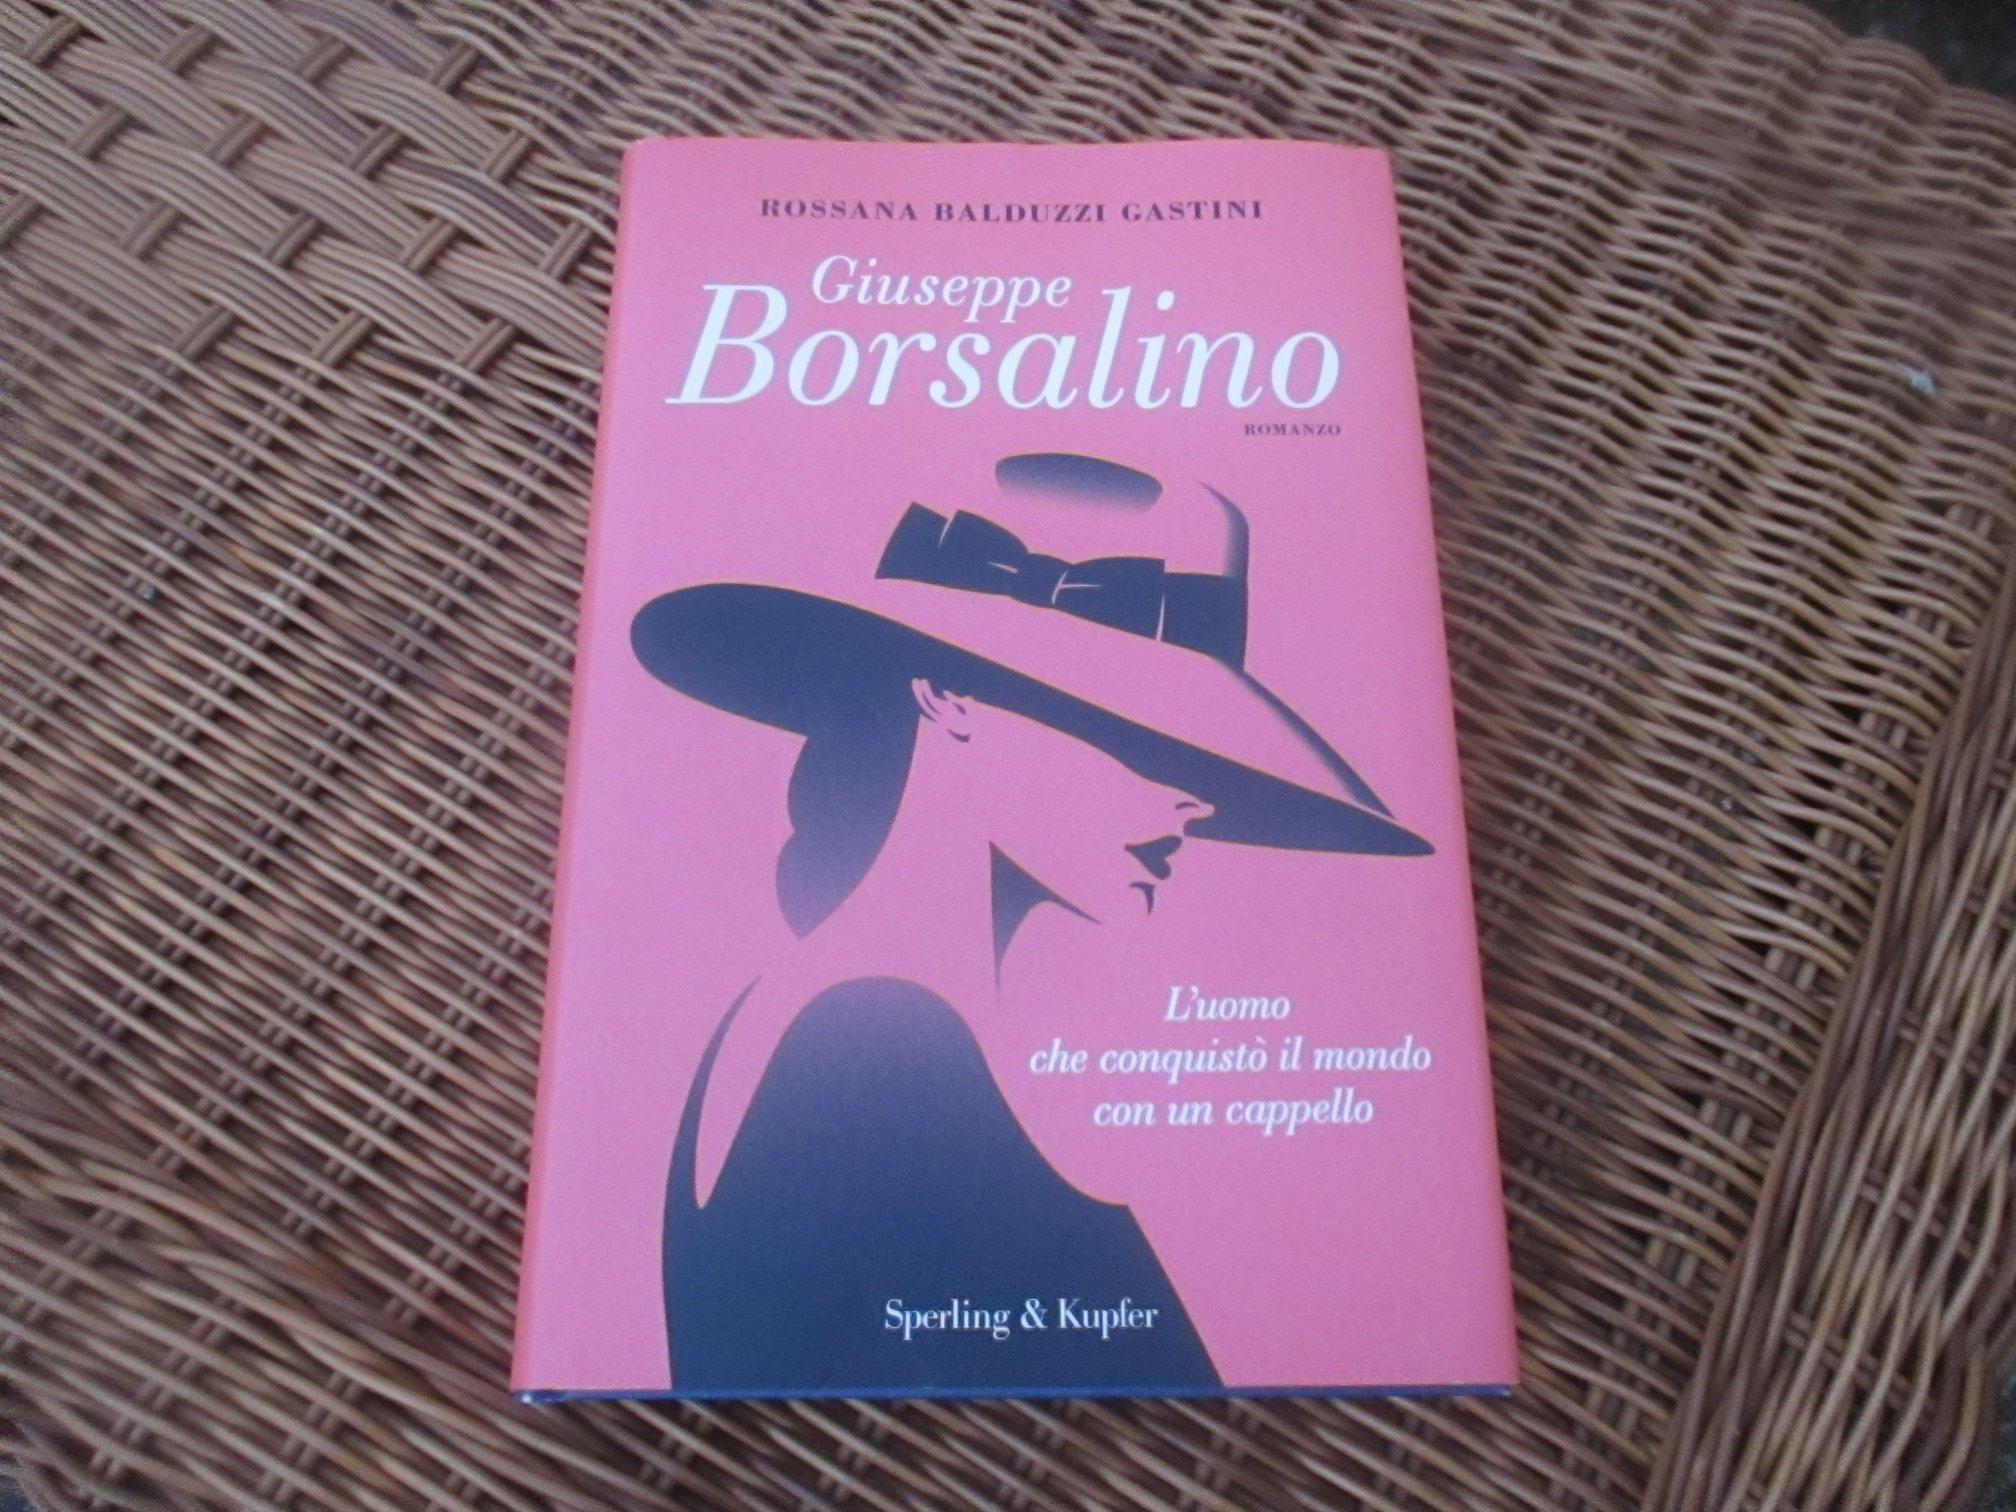 Alla scoperta di Giuseppe Borsalino  domande a Rossana Balduzzi Gastini –  CHEWBECCA WITH IDRO LITINA JONES f1e23b36d436